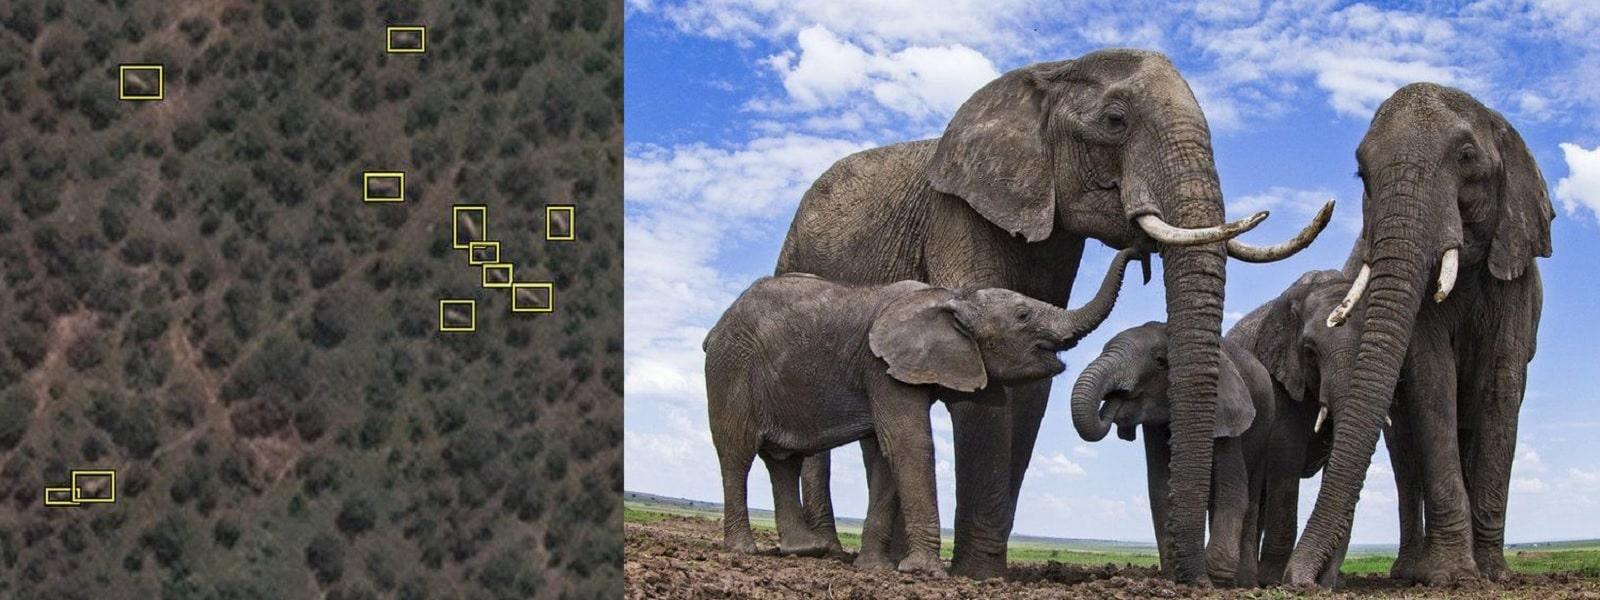 விண்வெளியில் இருந்து காட்டு யானைகளை எண்ணும் தொழில்நுட்பம் அறிமுகம்